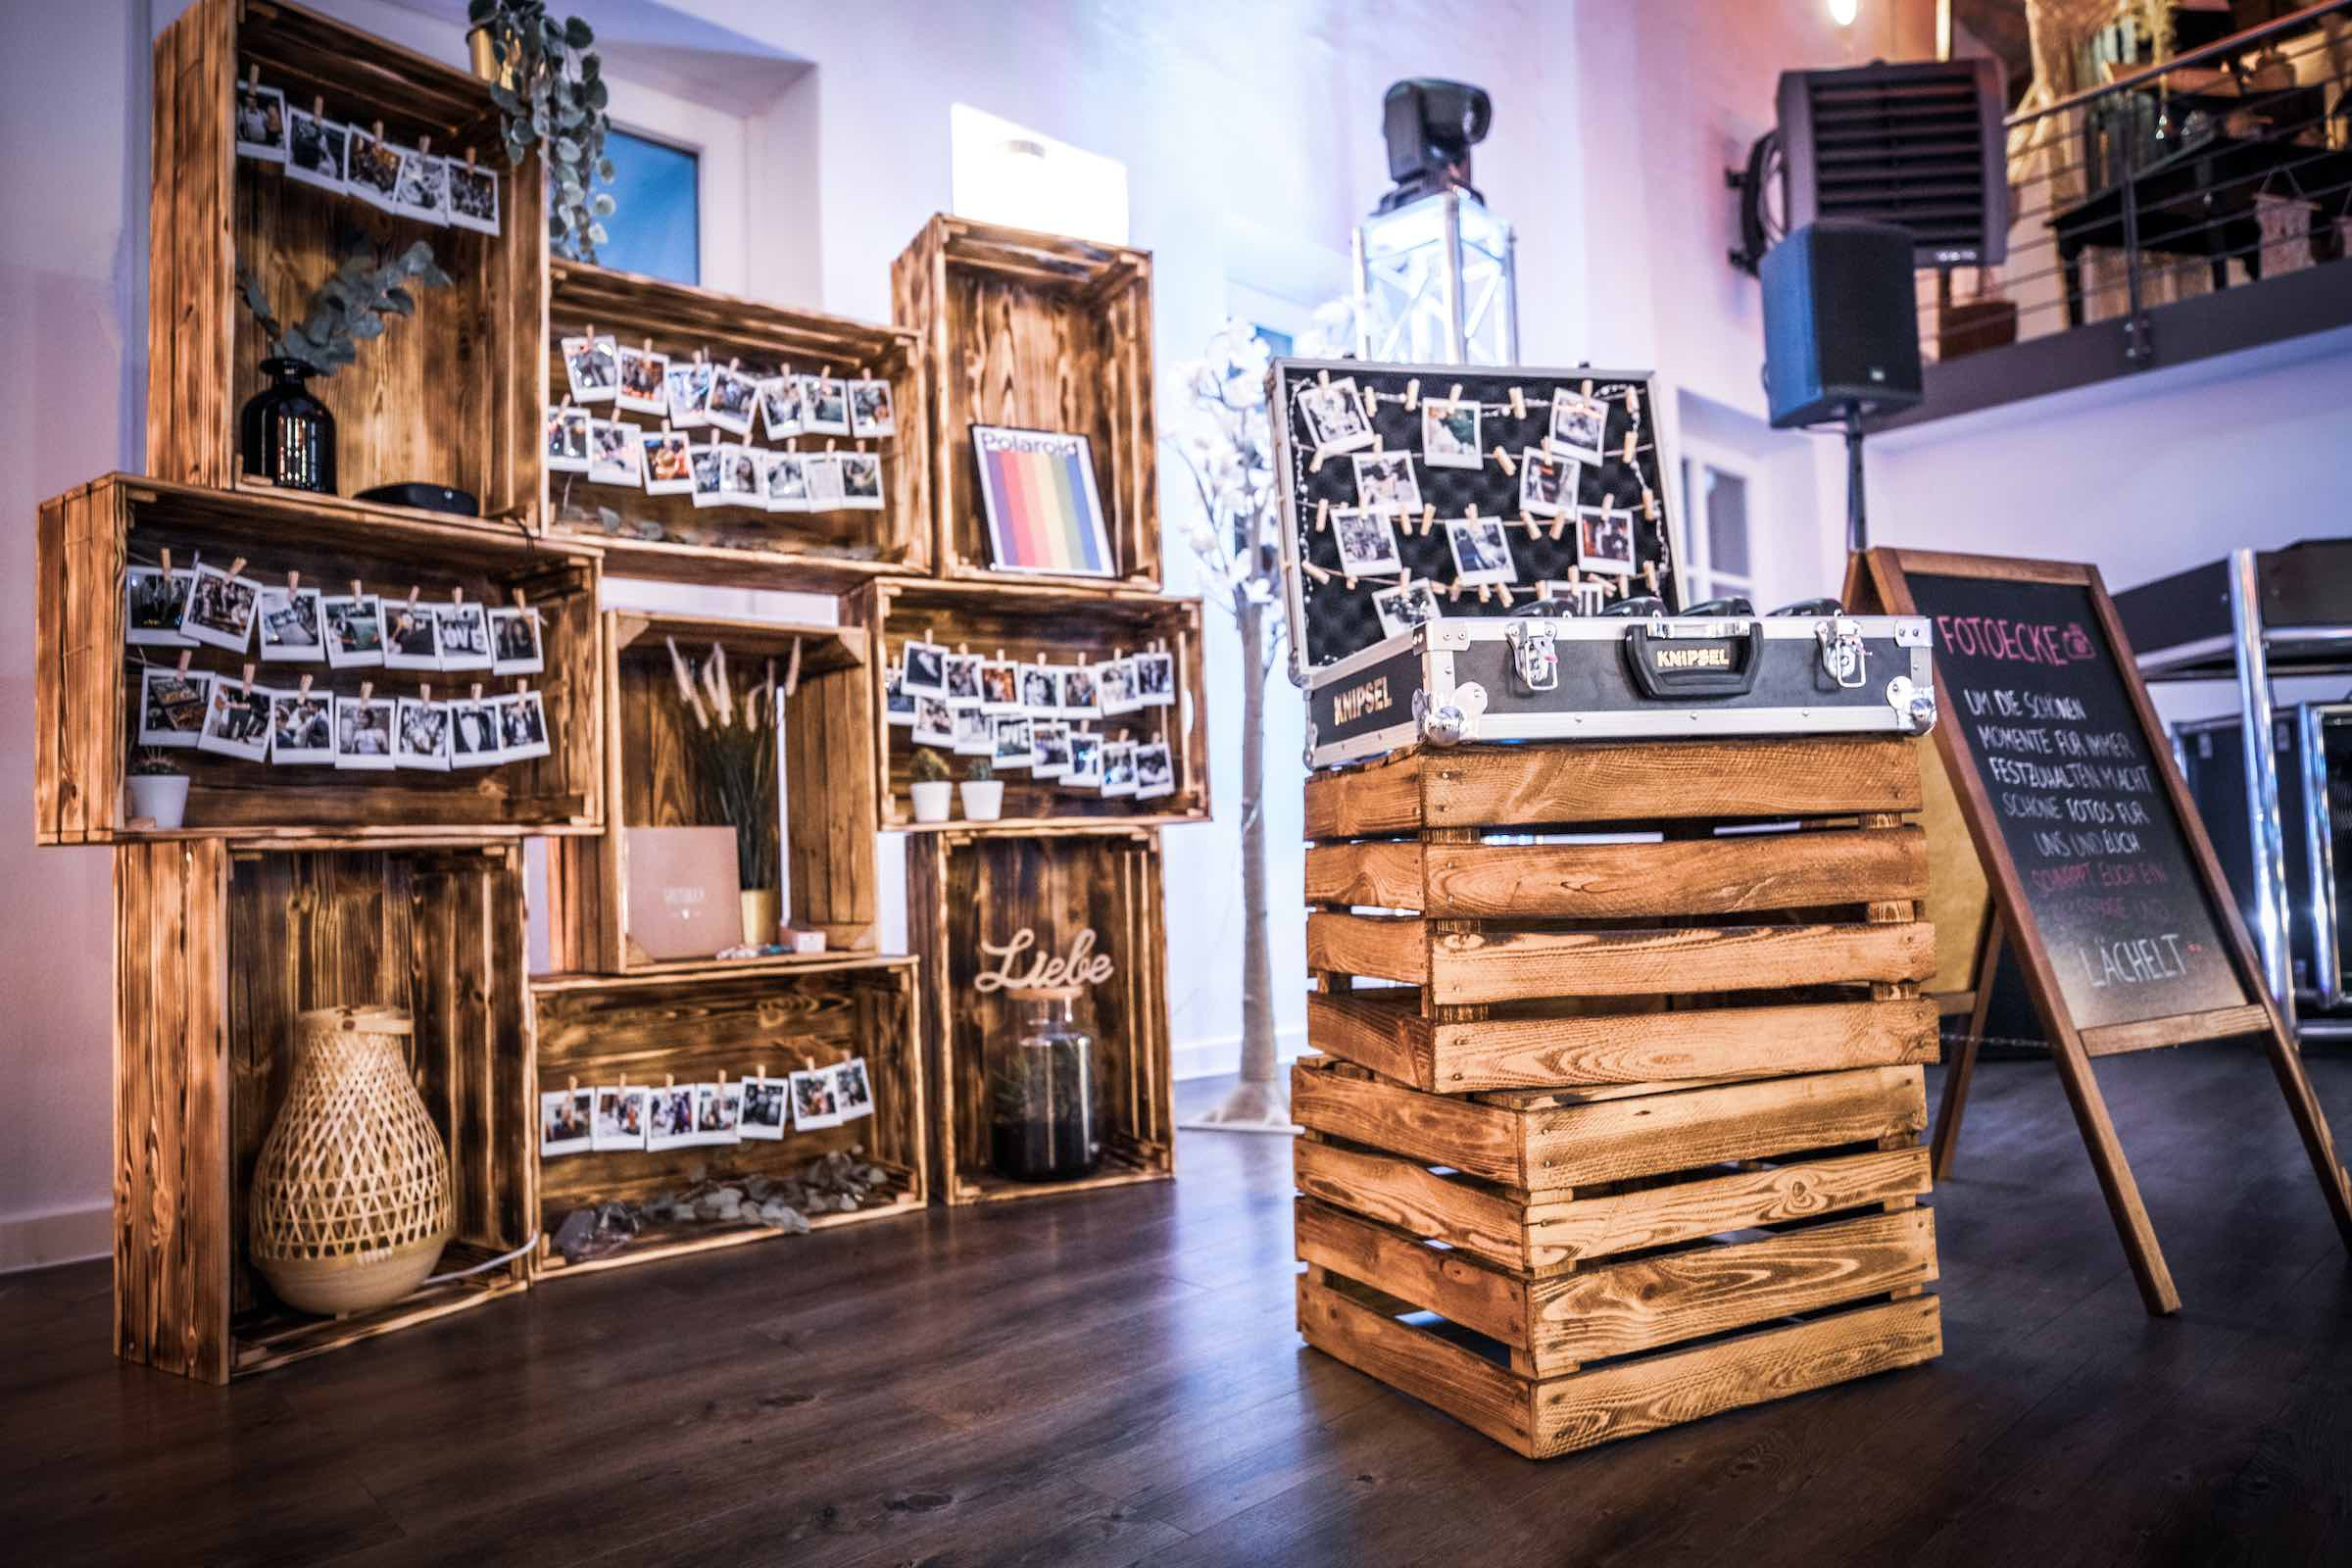 Polaroid | Kamera | Hochzeit | Polaroid | Set | Koffer | Mieten | Anfragen | Buchen | Hochzeit | Event | Sofortbildkamera | Versand | Lieferung | Knipsel